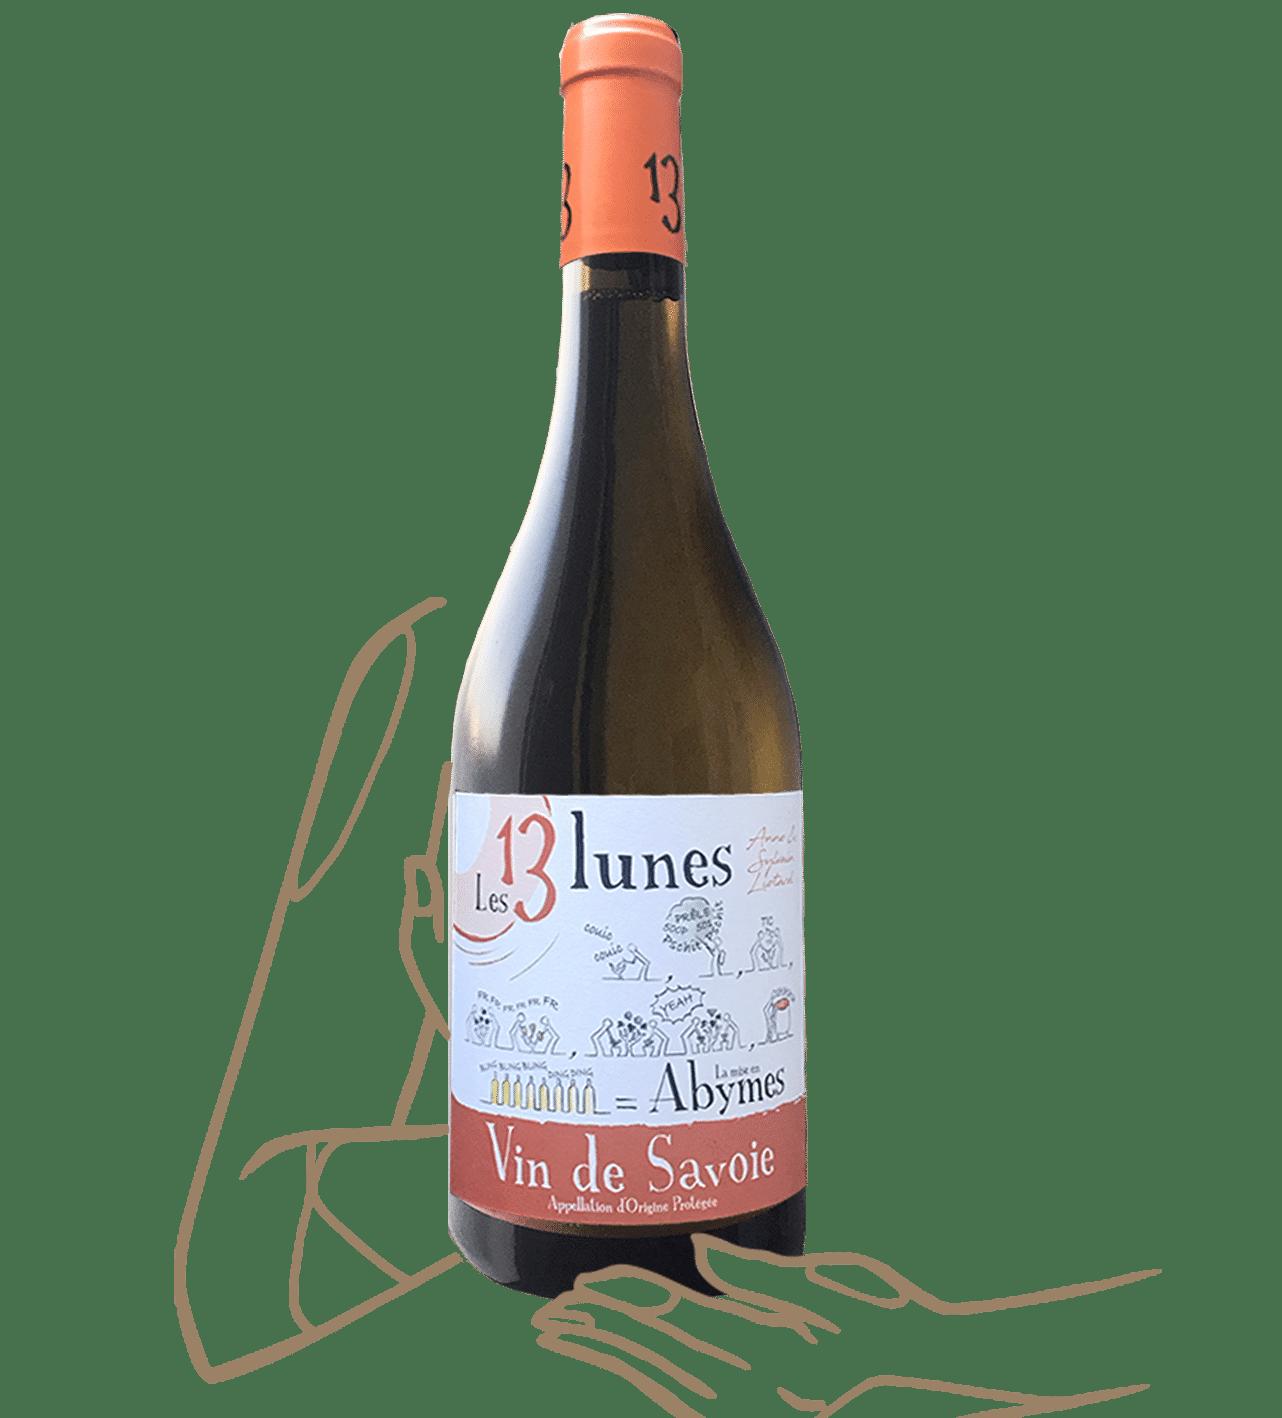 Mise en abymes - Domaine les 13 Lunes - Vin naturel de savoie